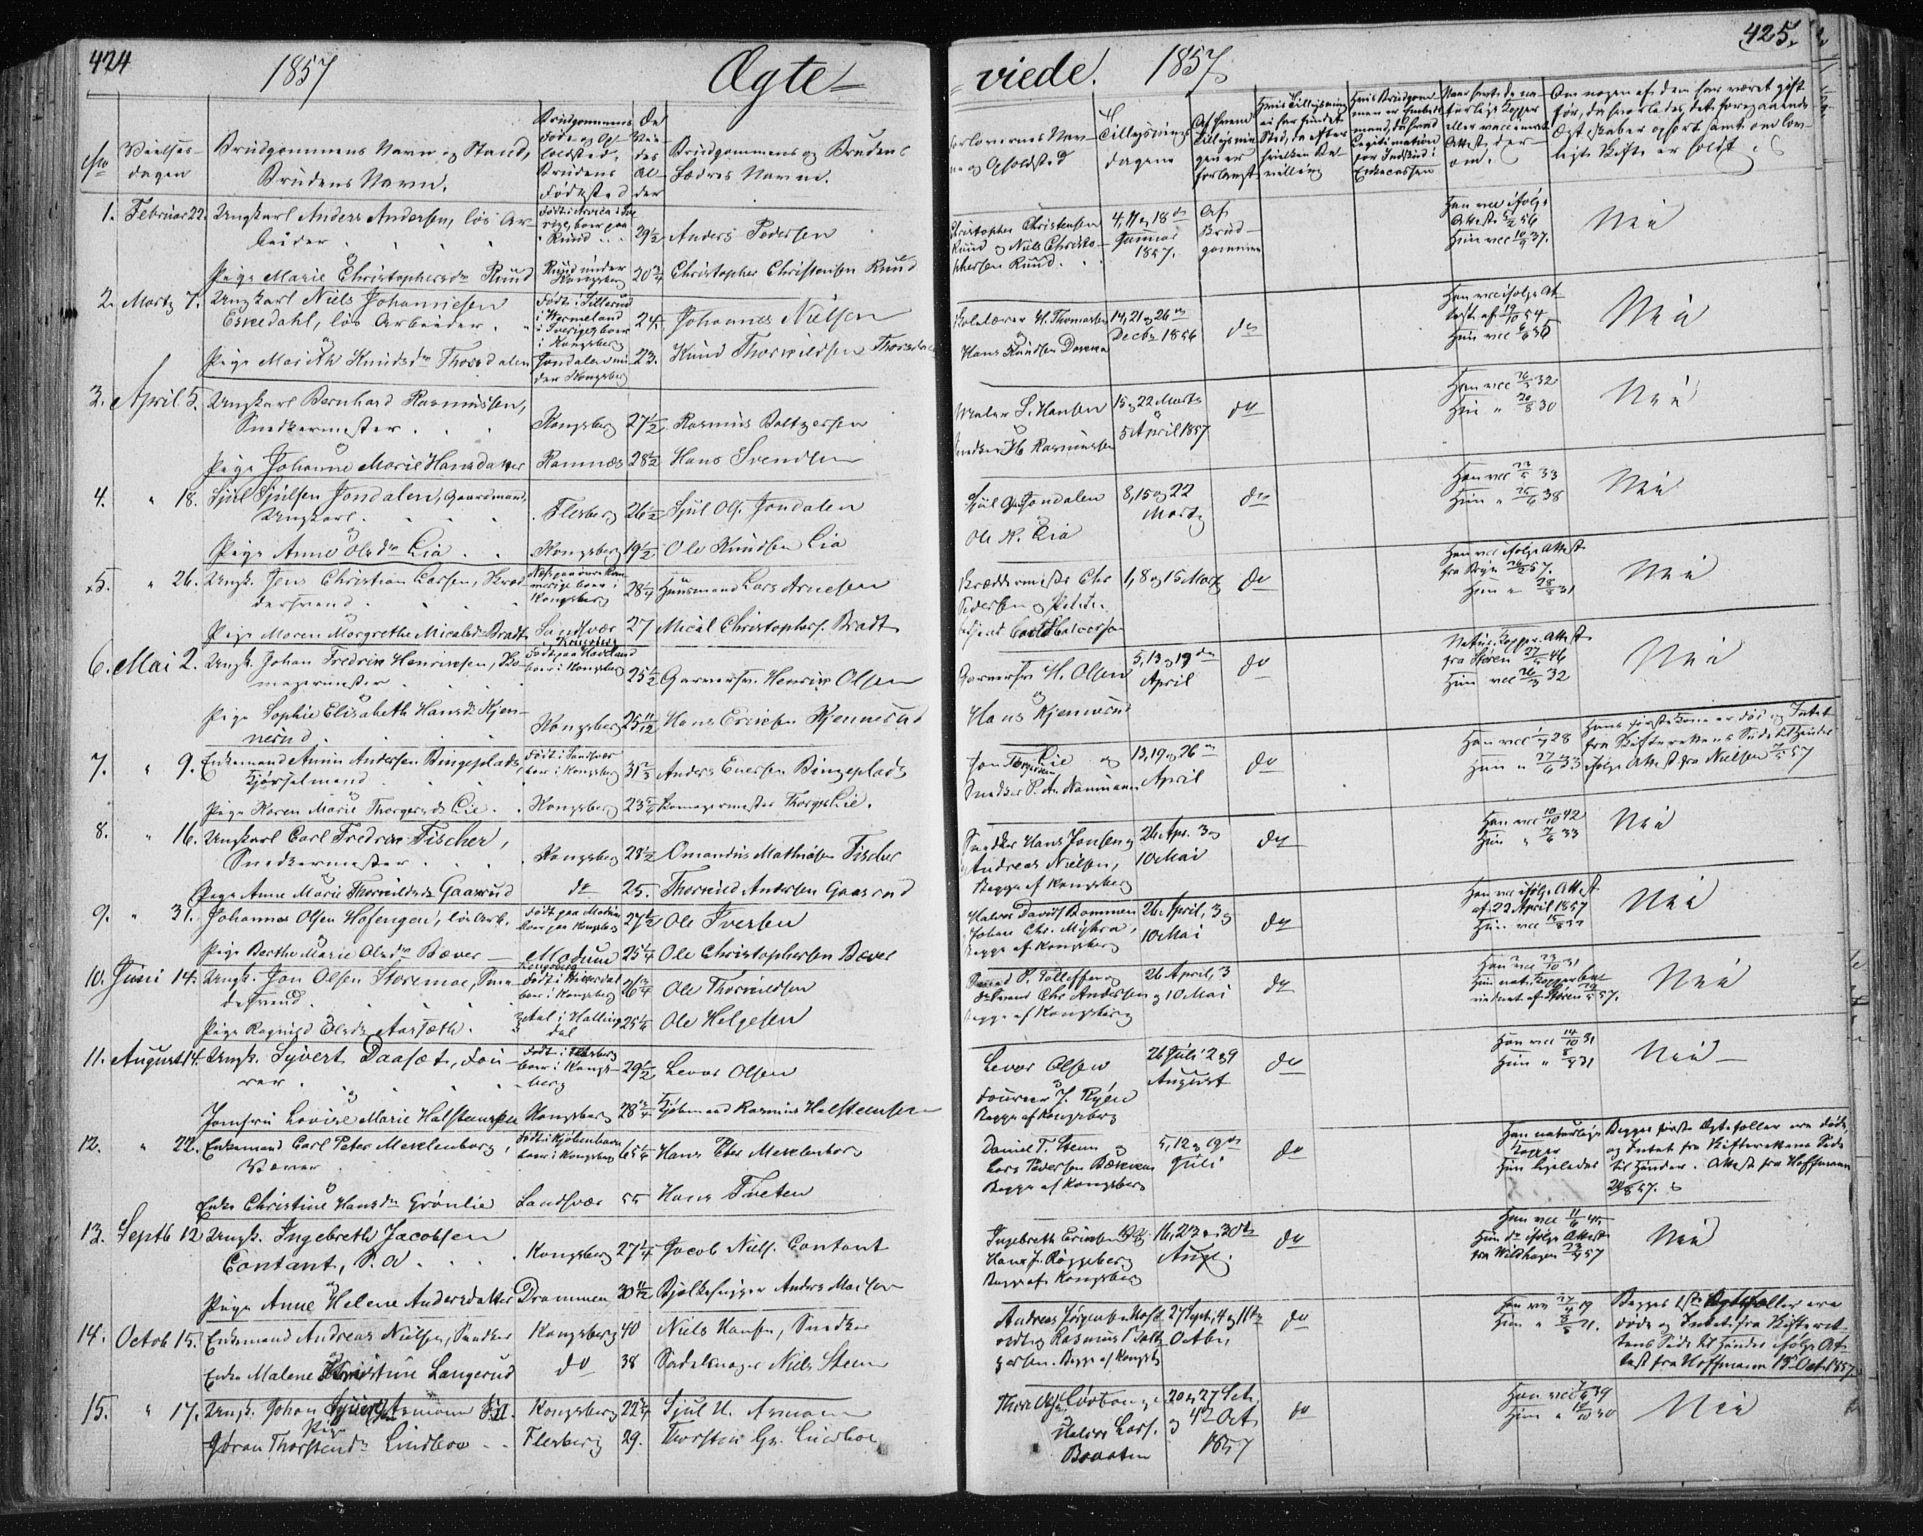 SAKO, Kongsberg kirkebøker, F/Fa/L0009: Ministerialbok nr. I 9, 1839-1858, s. 424-425